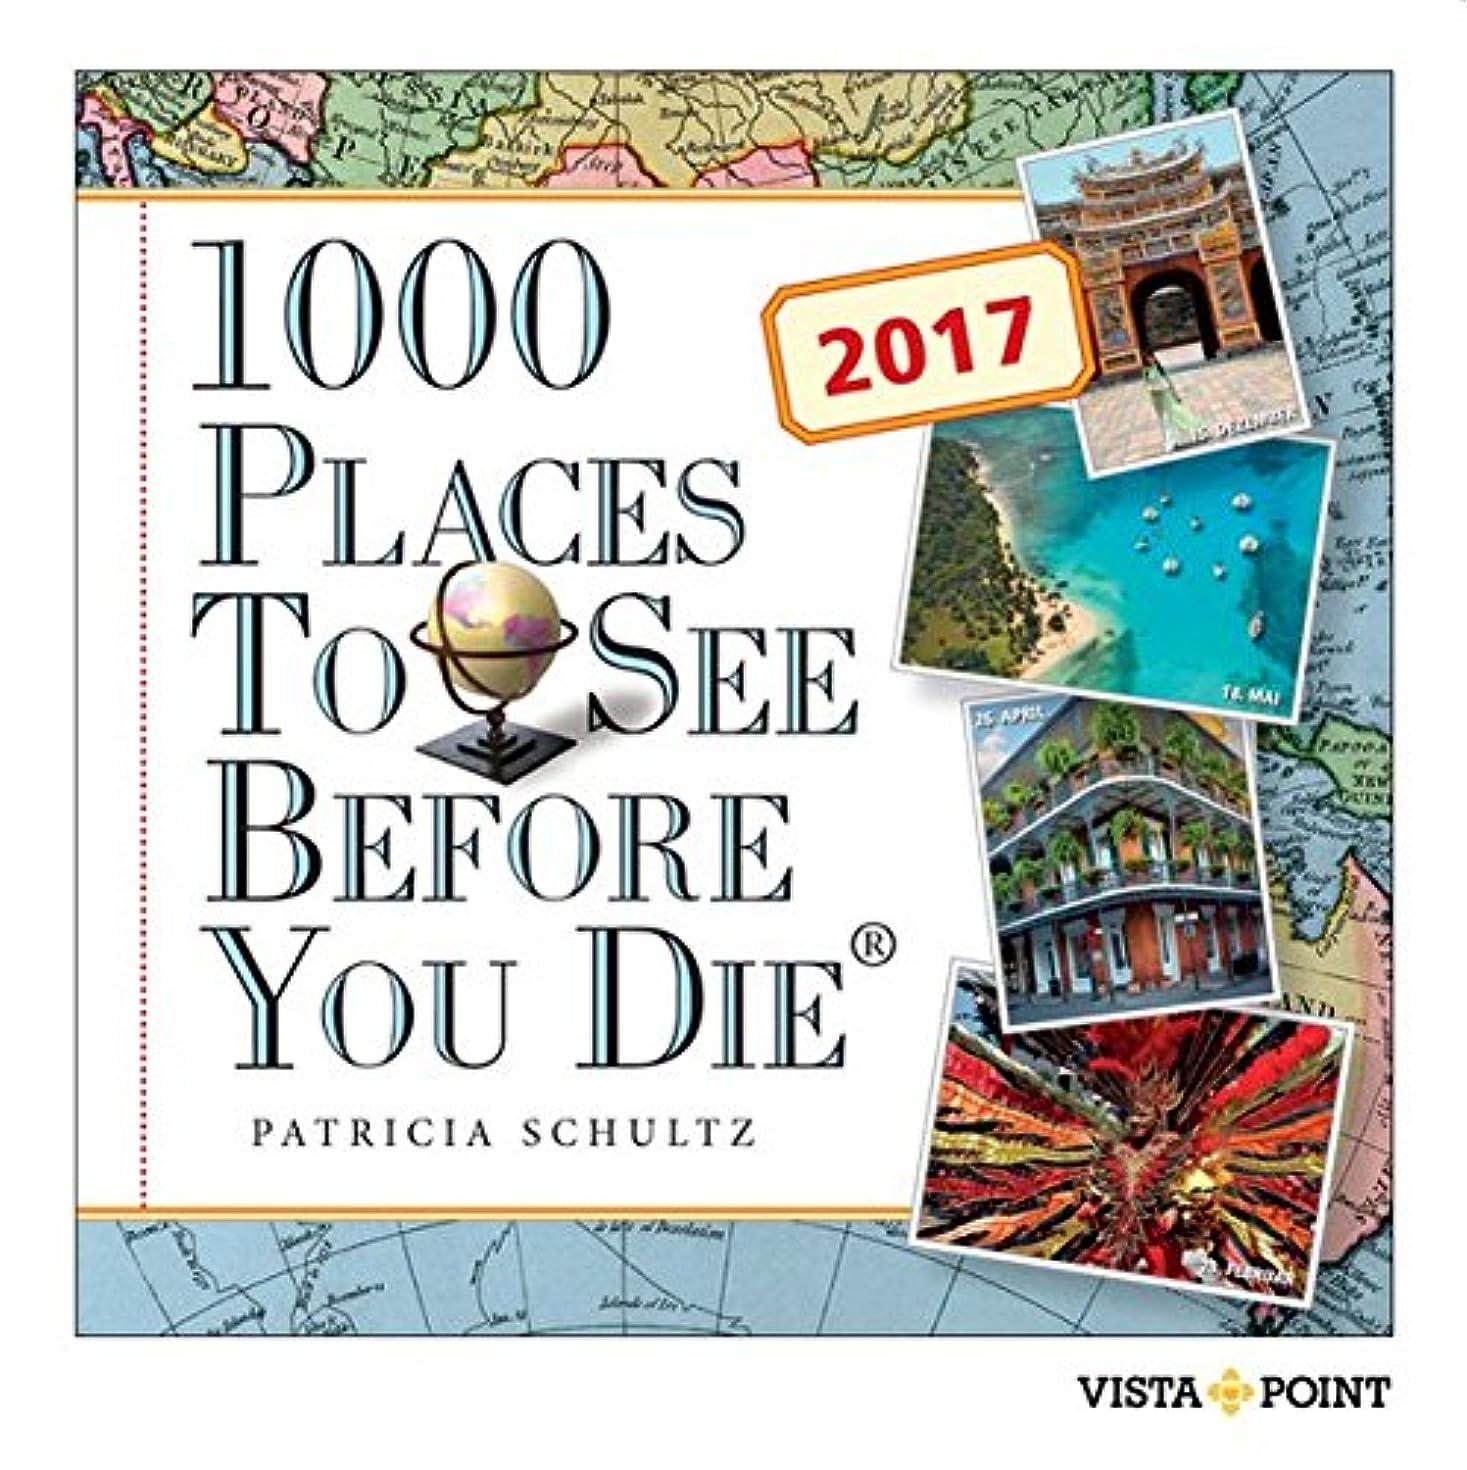 枯渇熟す請求可能1000 Places to see before you die 2017 Tageskalender: In 365 Tagen um die Welt